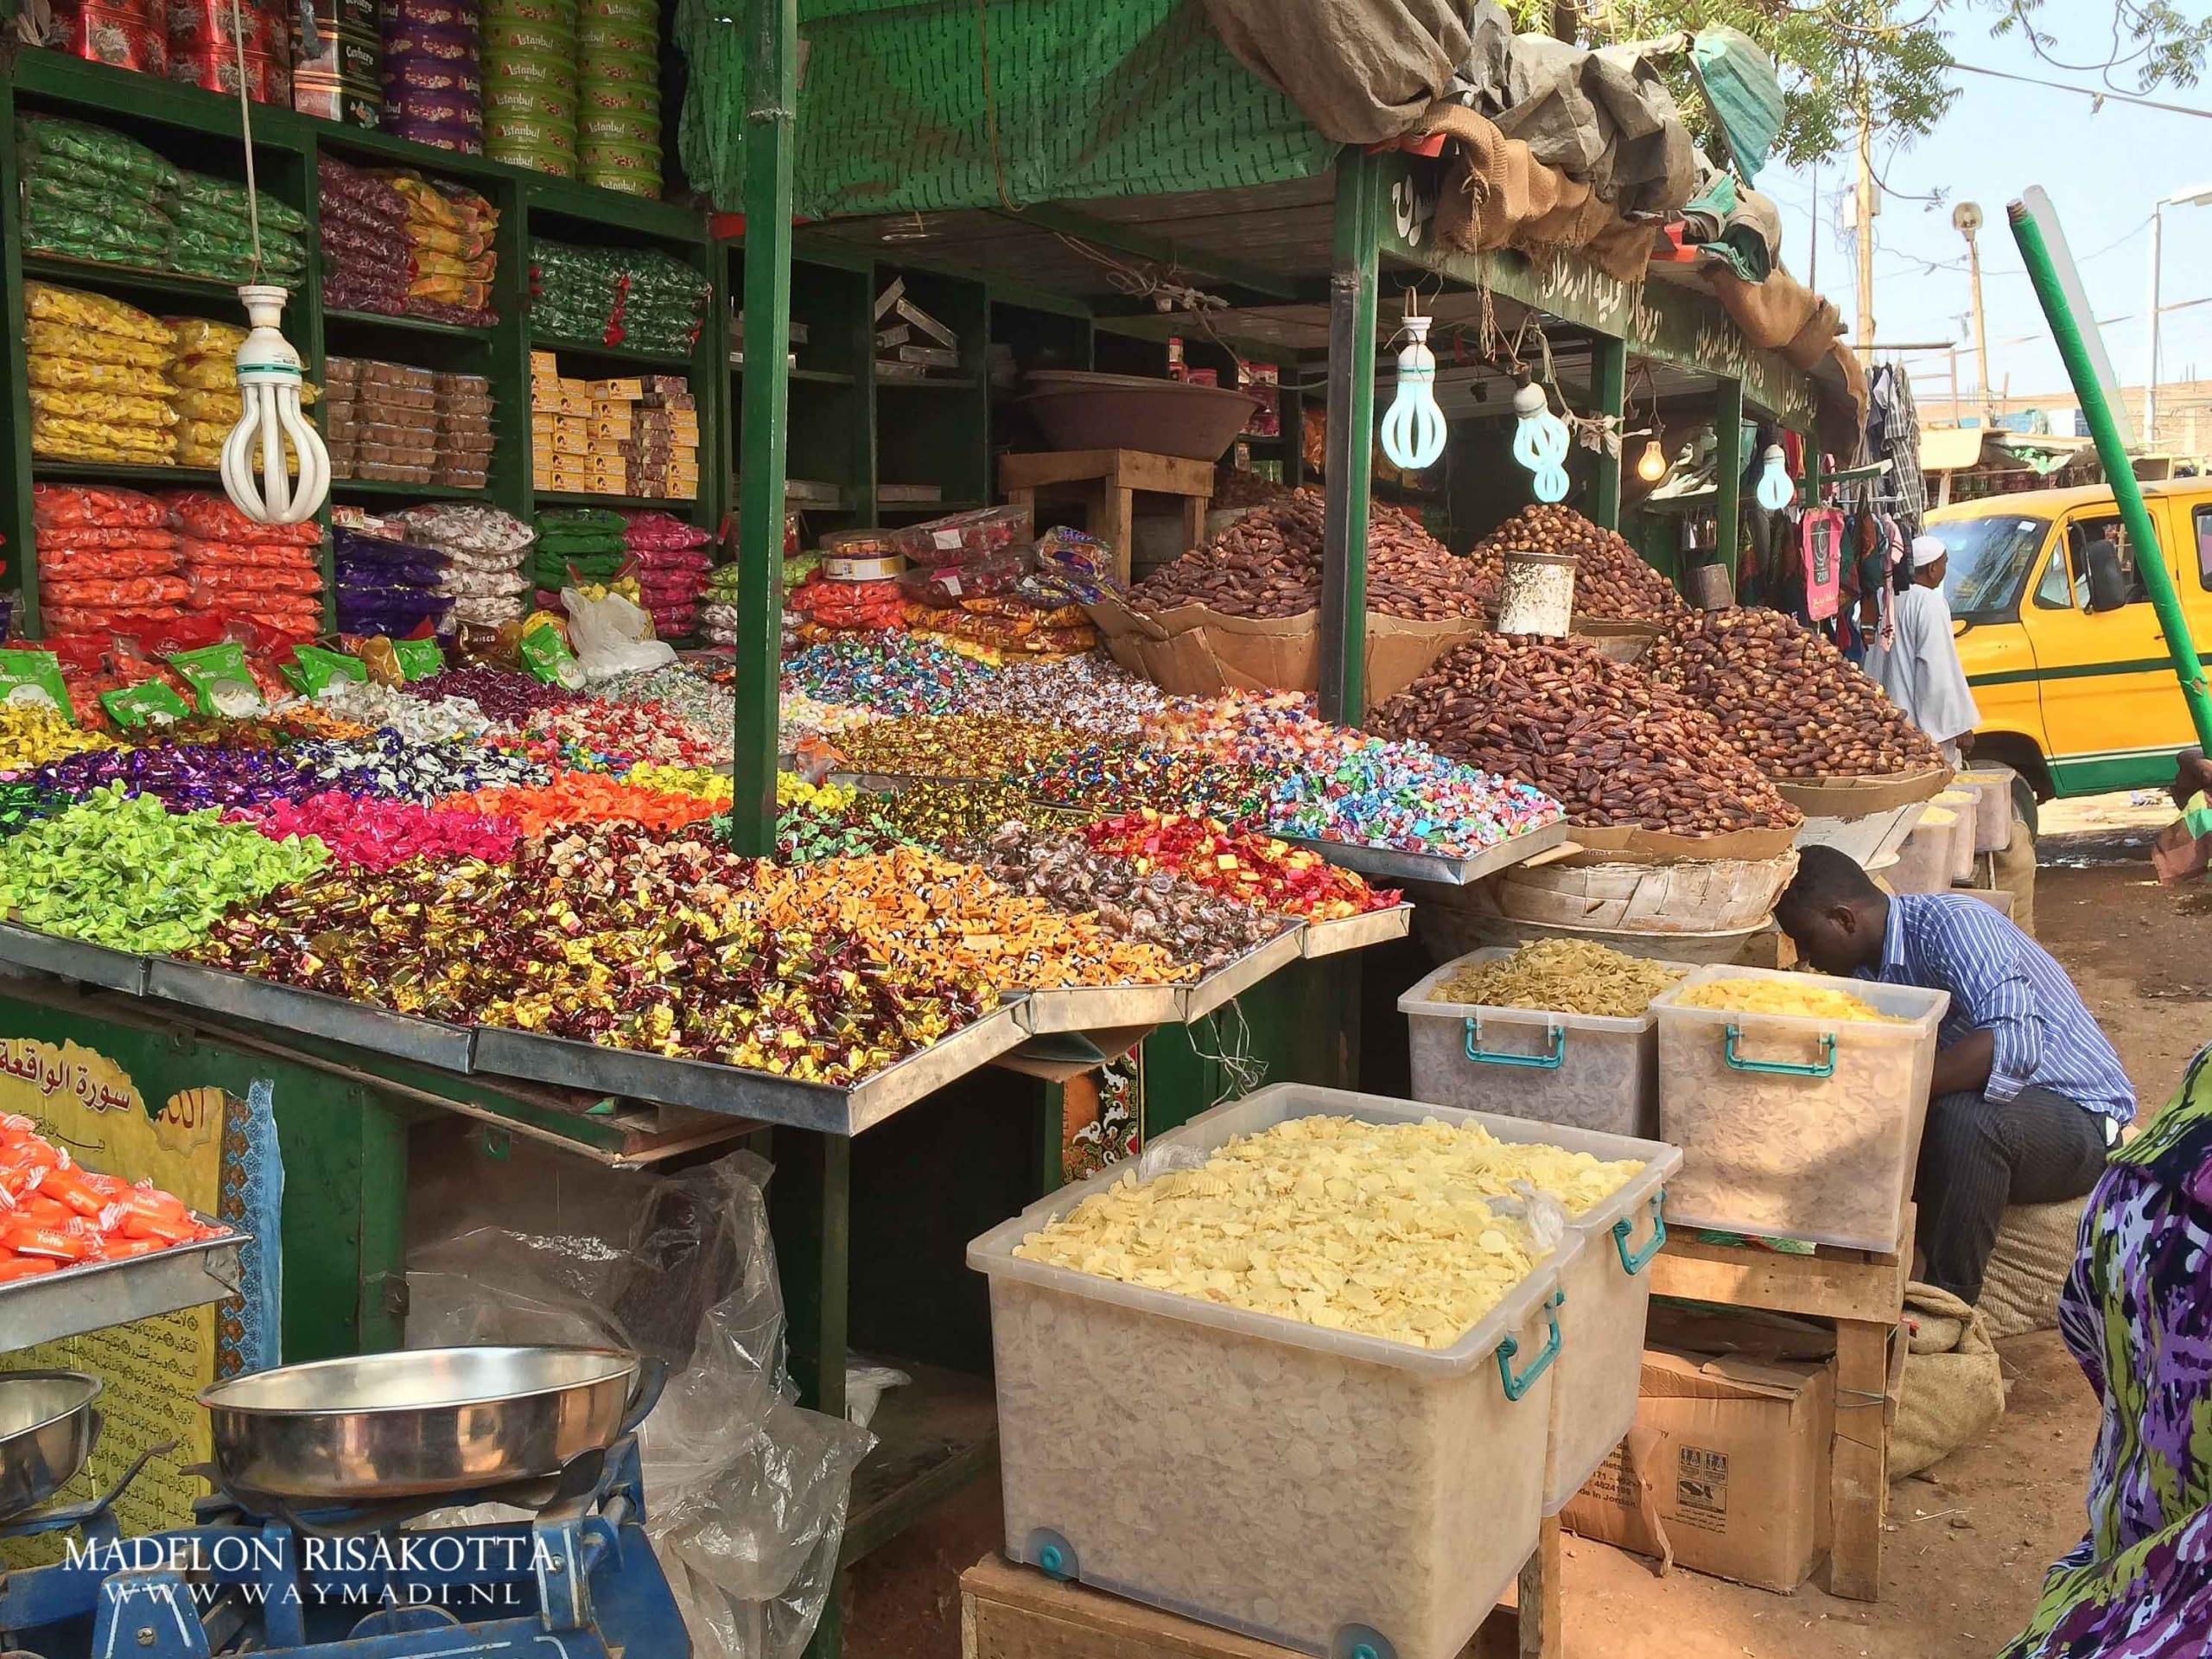 Shoppen In Sudan: Souq Omdurman